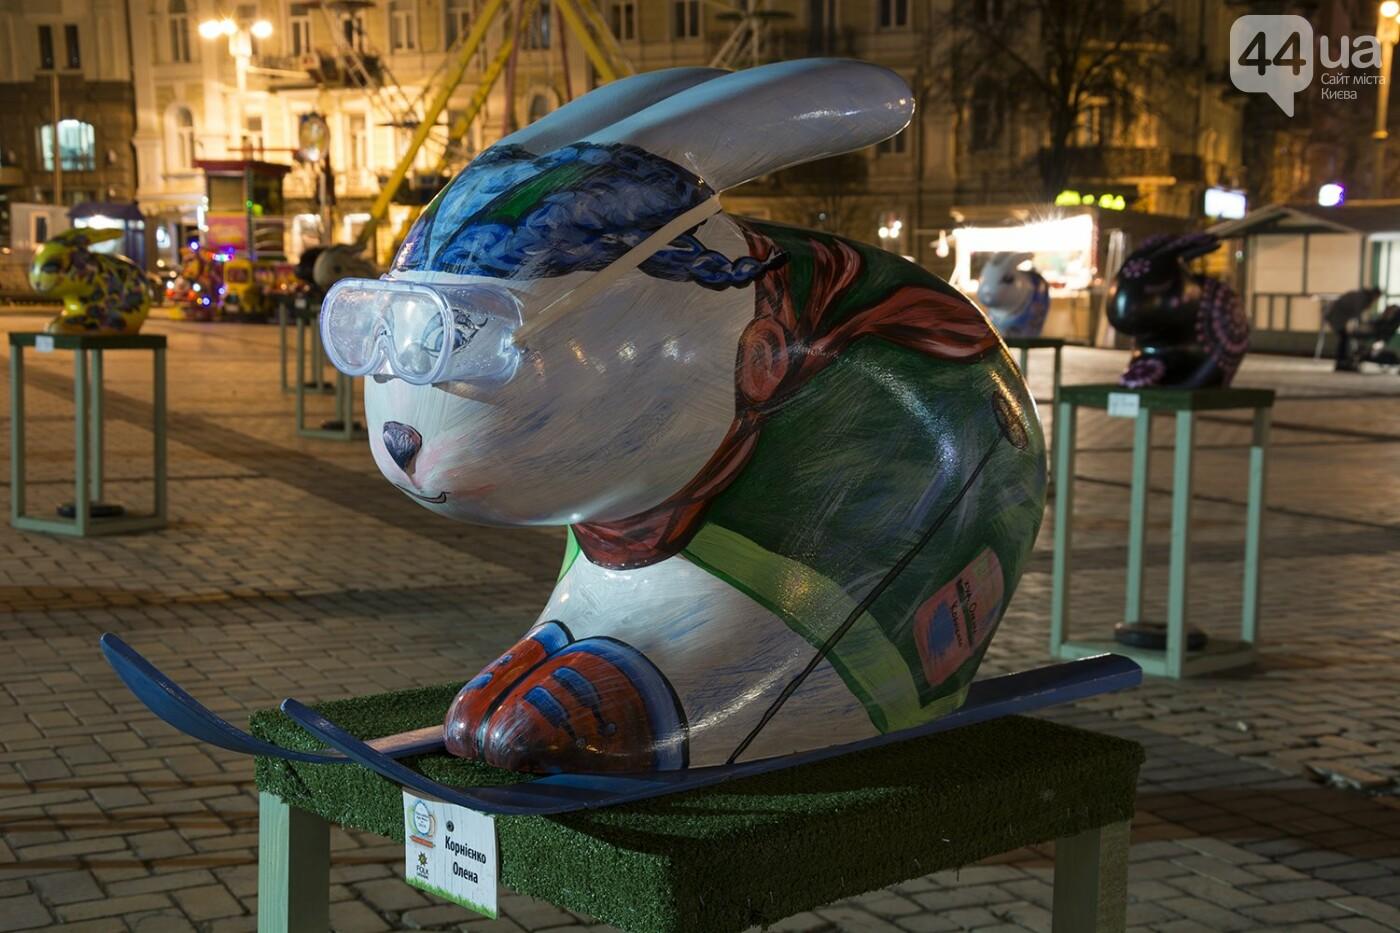 Пасхальная иллюминация: как выглядит фестиваль писанок ночью, фото-7